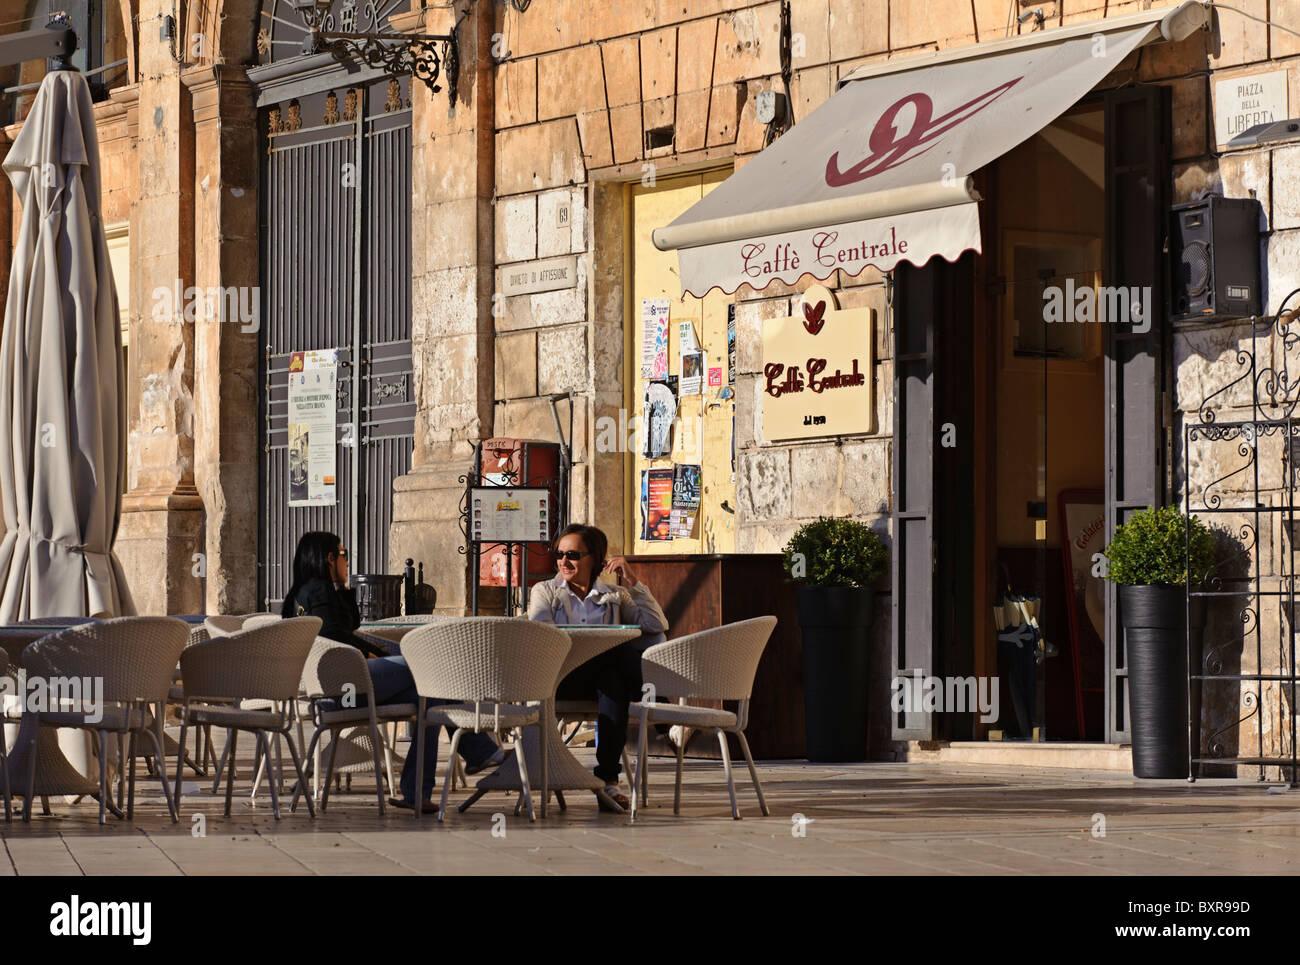 Women on a cafe terrace, Piazza della Libertà, Ostuni, Puglia, Italy - Stock Image